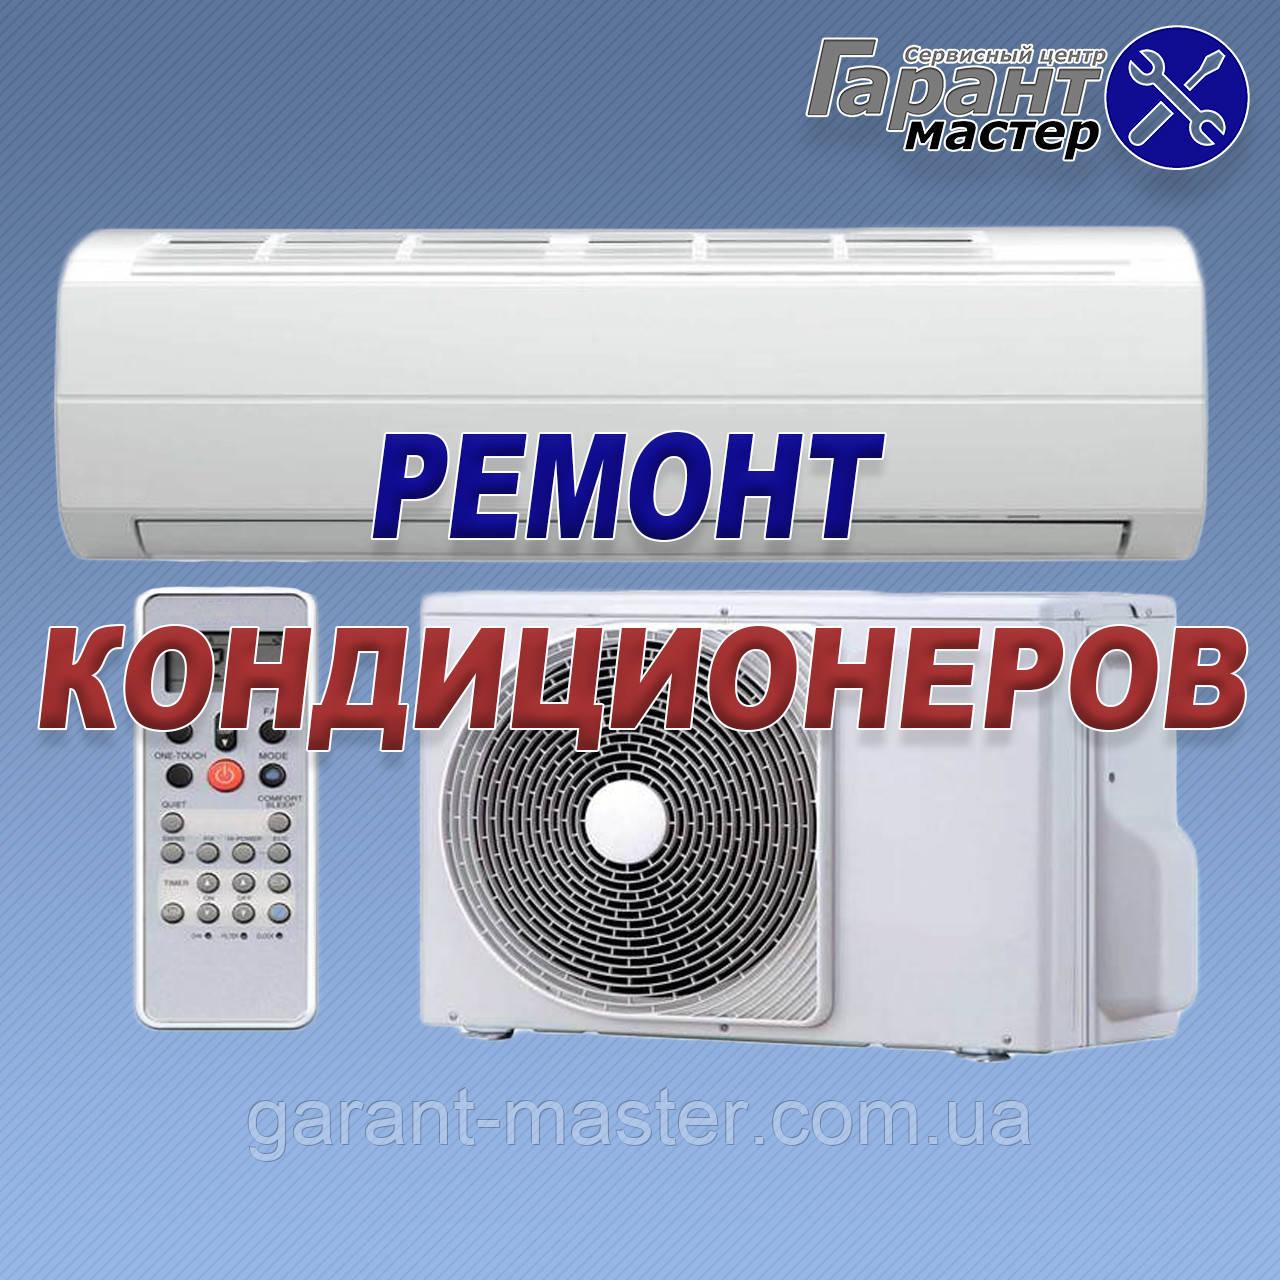 Установка кондиционеров ua кондиционеры ac samsung